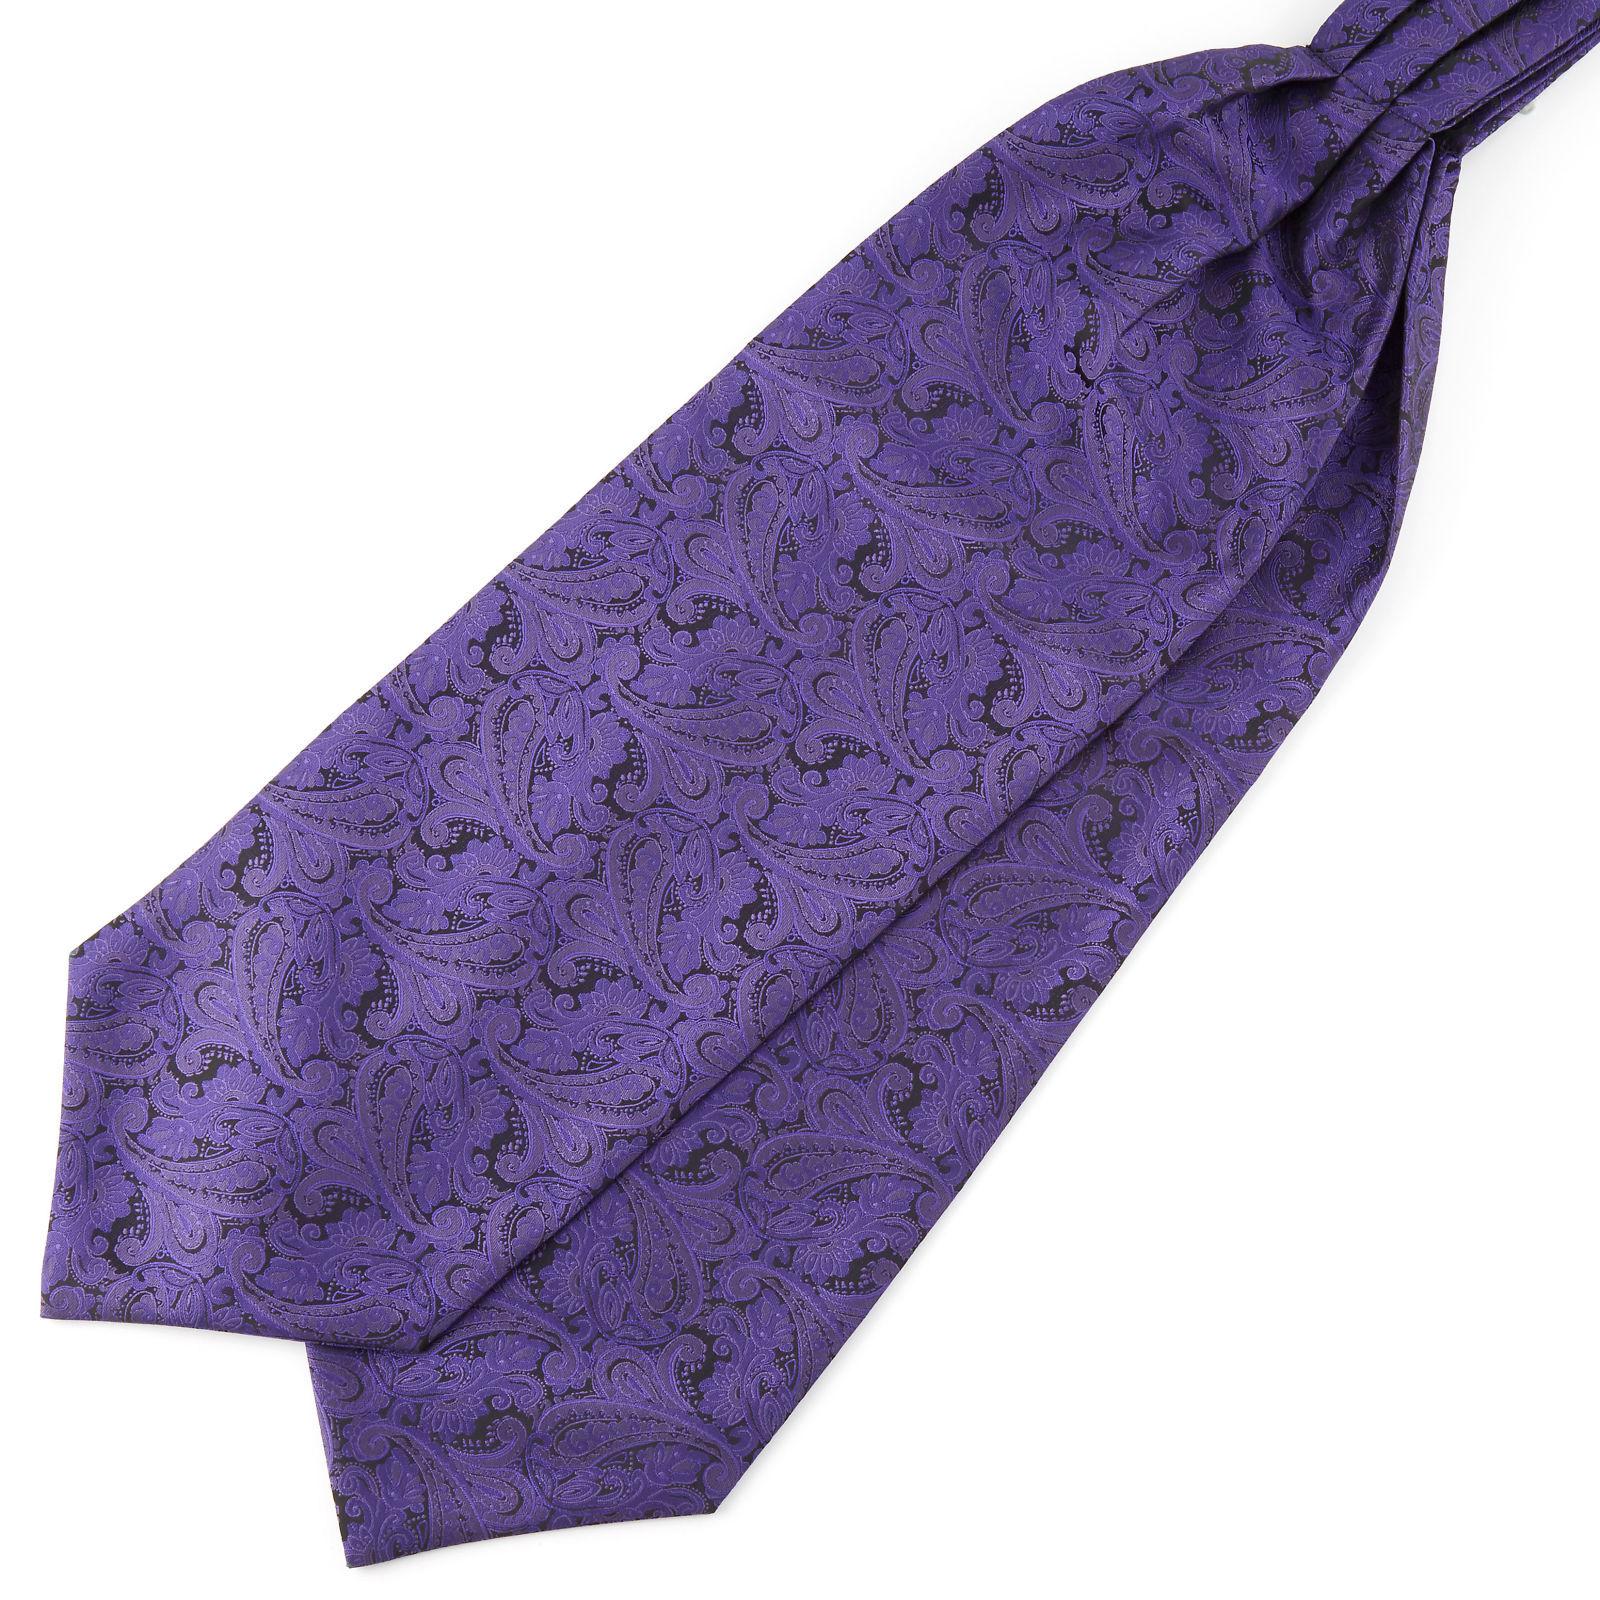 Tailor Toki Tummanvioletti kasmirkuvioinen polyesteri ascot-solmio